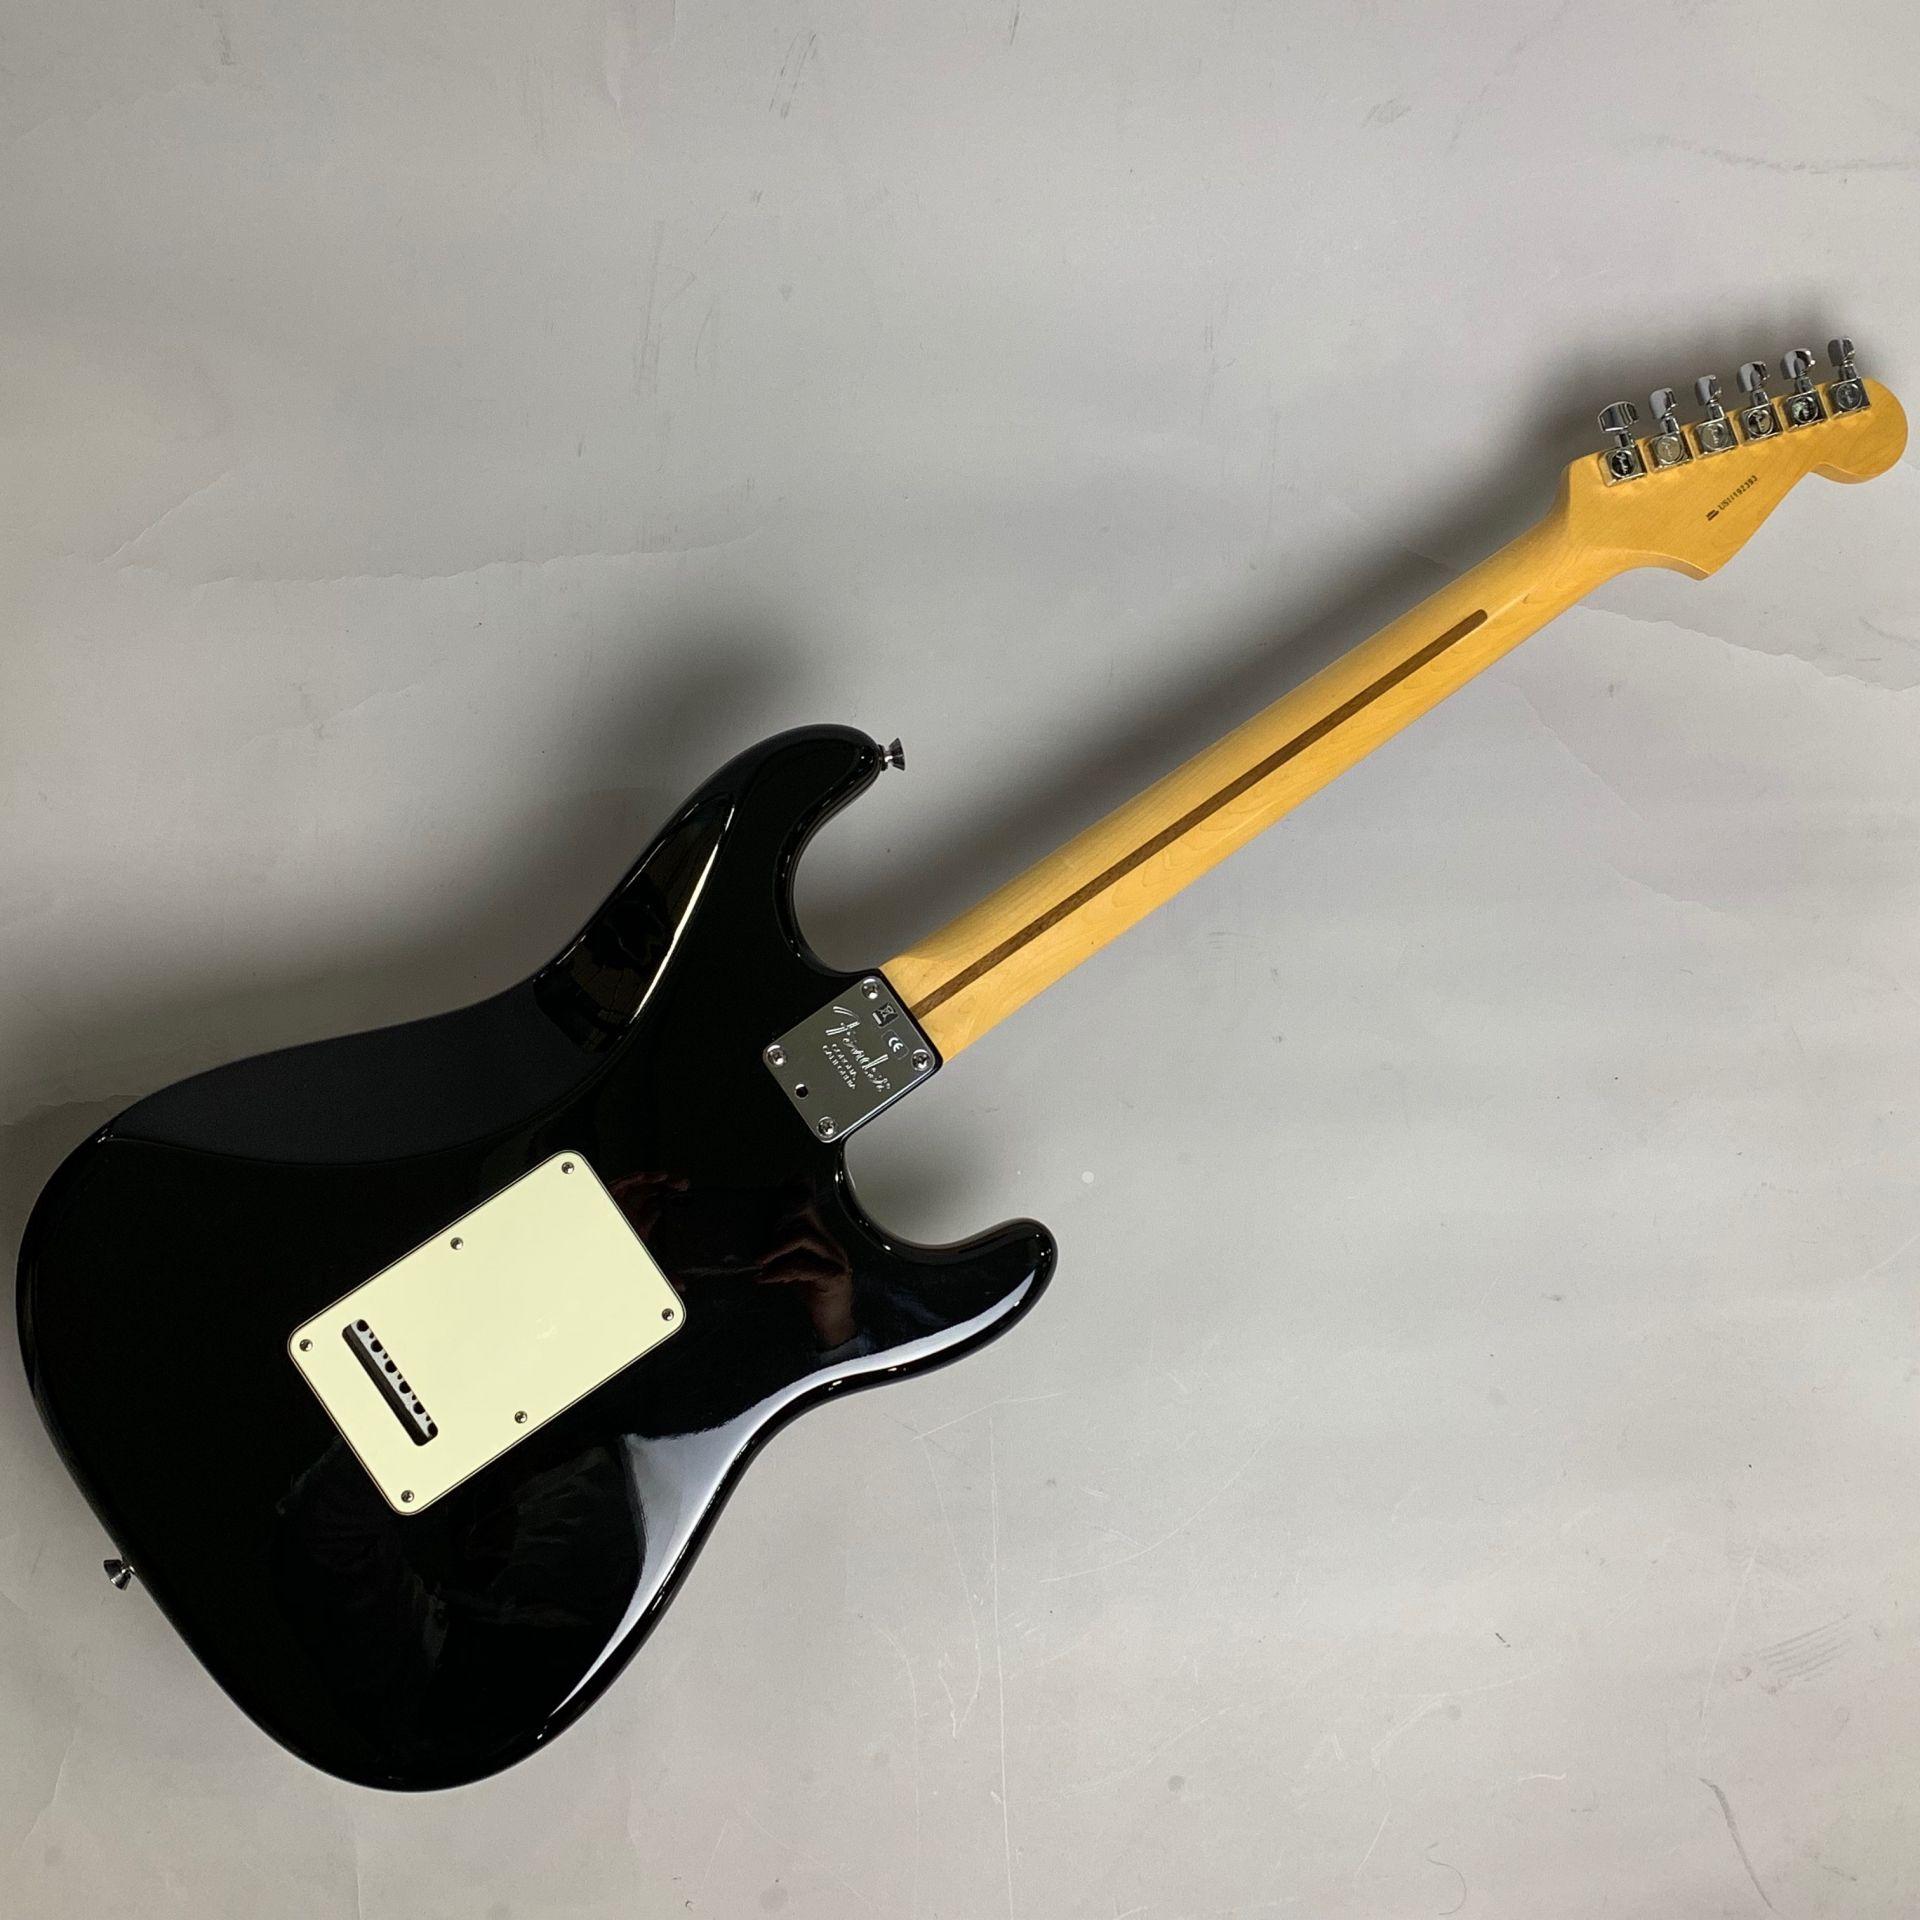 American Standard Stratcaster Lefthand 左利き レフティストラト アメスタのヘッド裏-アップ画像